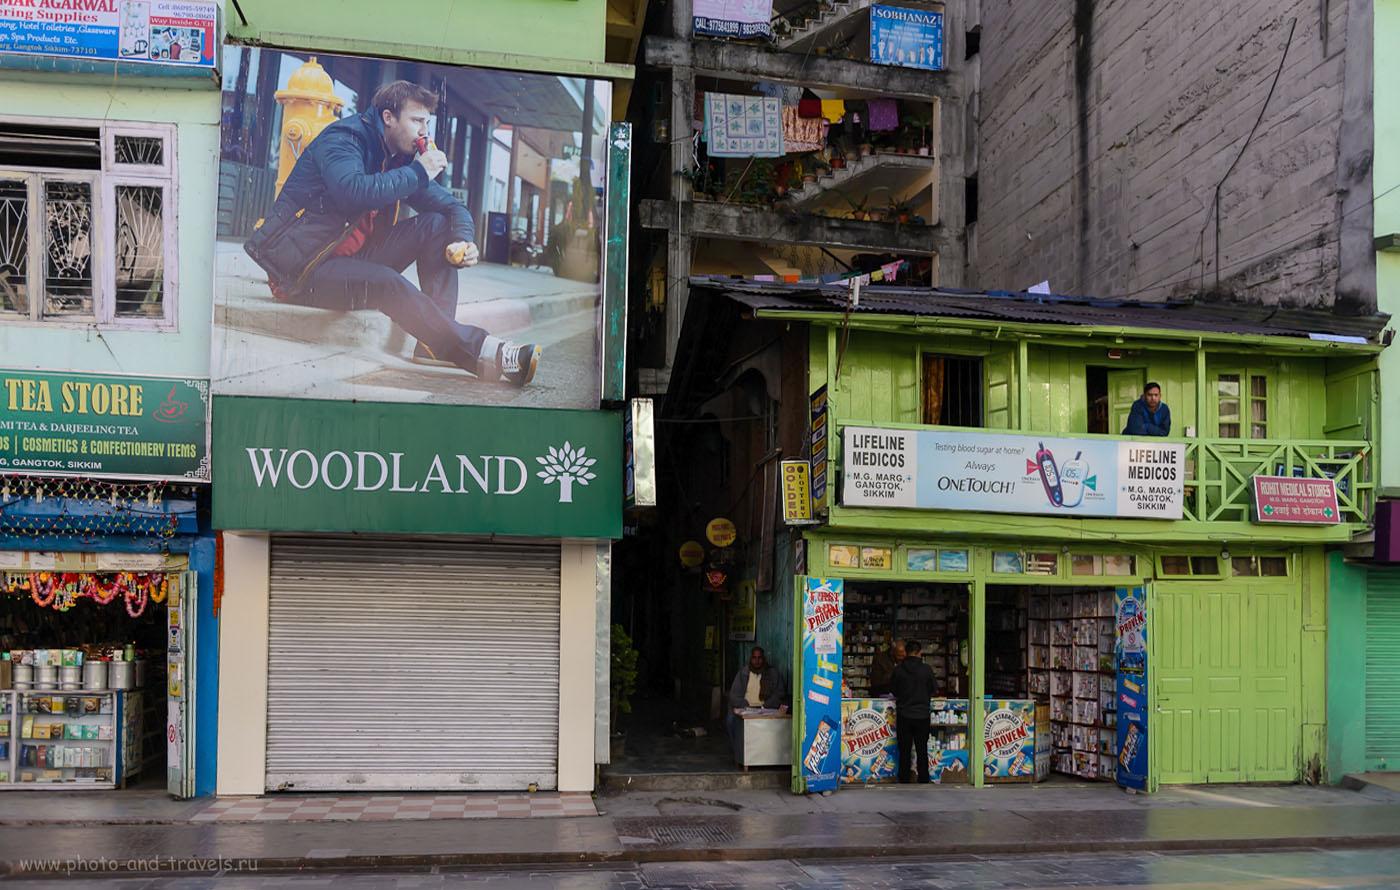 Фото 9. Как мы гуляли по центральной улице Гангтока. 2.8, 1/1000, 640, 29.